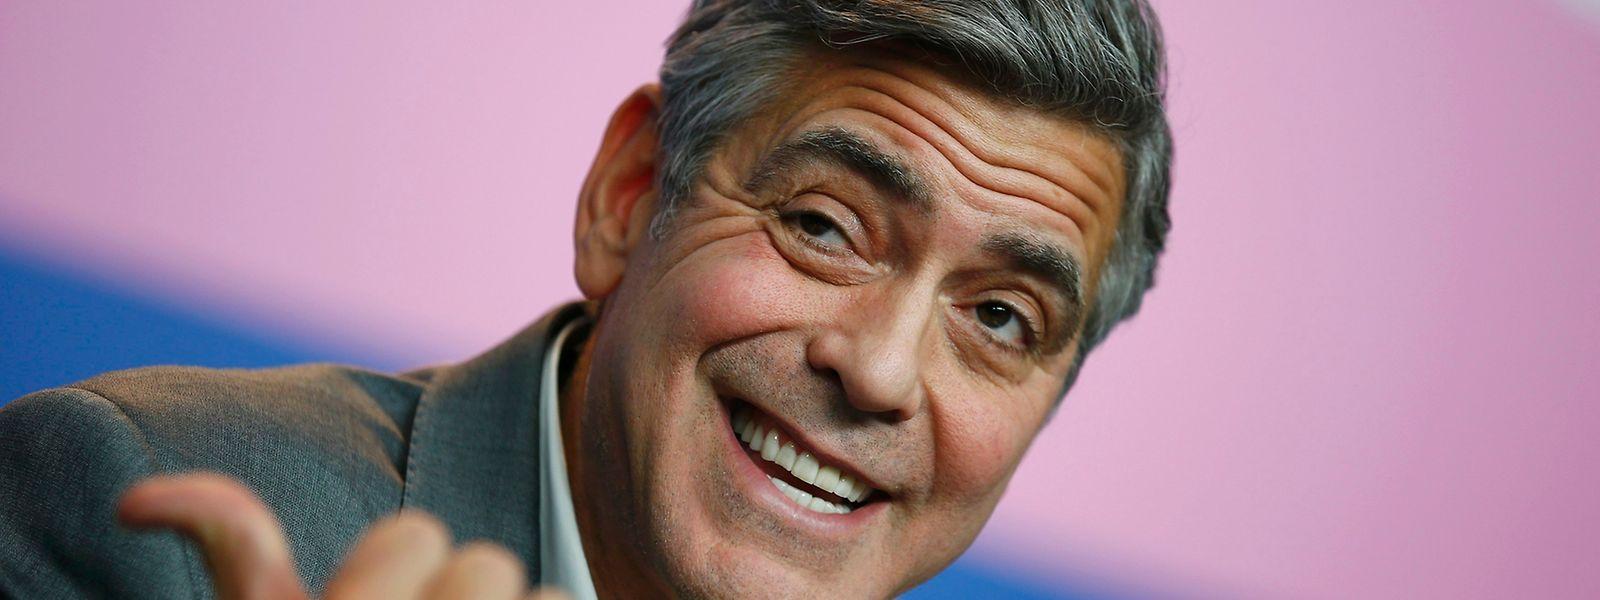 George Clooney hatte sich bereits für Barack Obama eingesetzt und unterstützt nun Hillary Clinton.